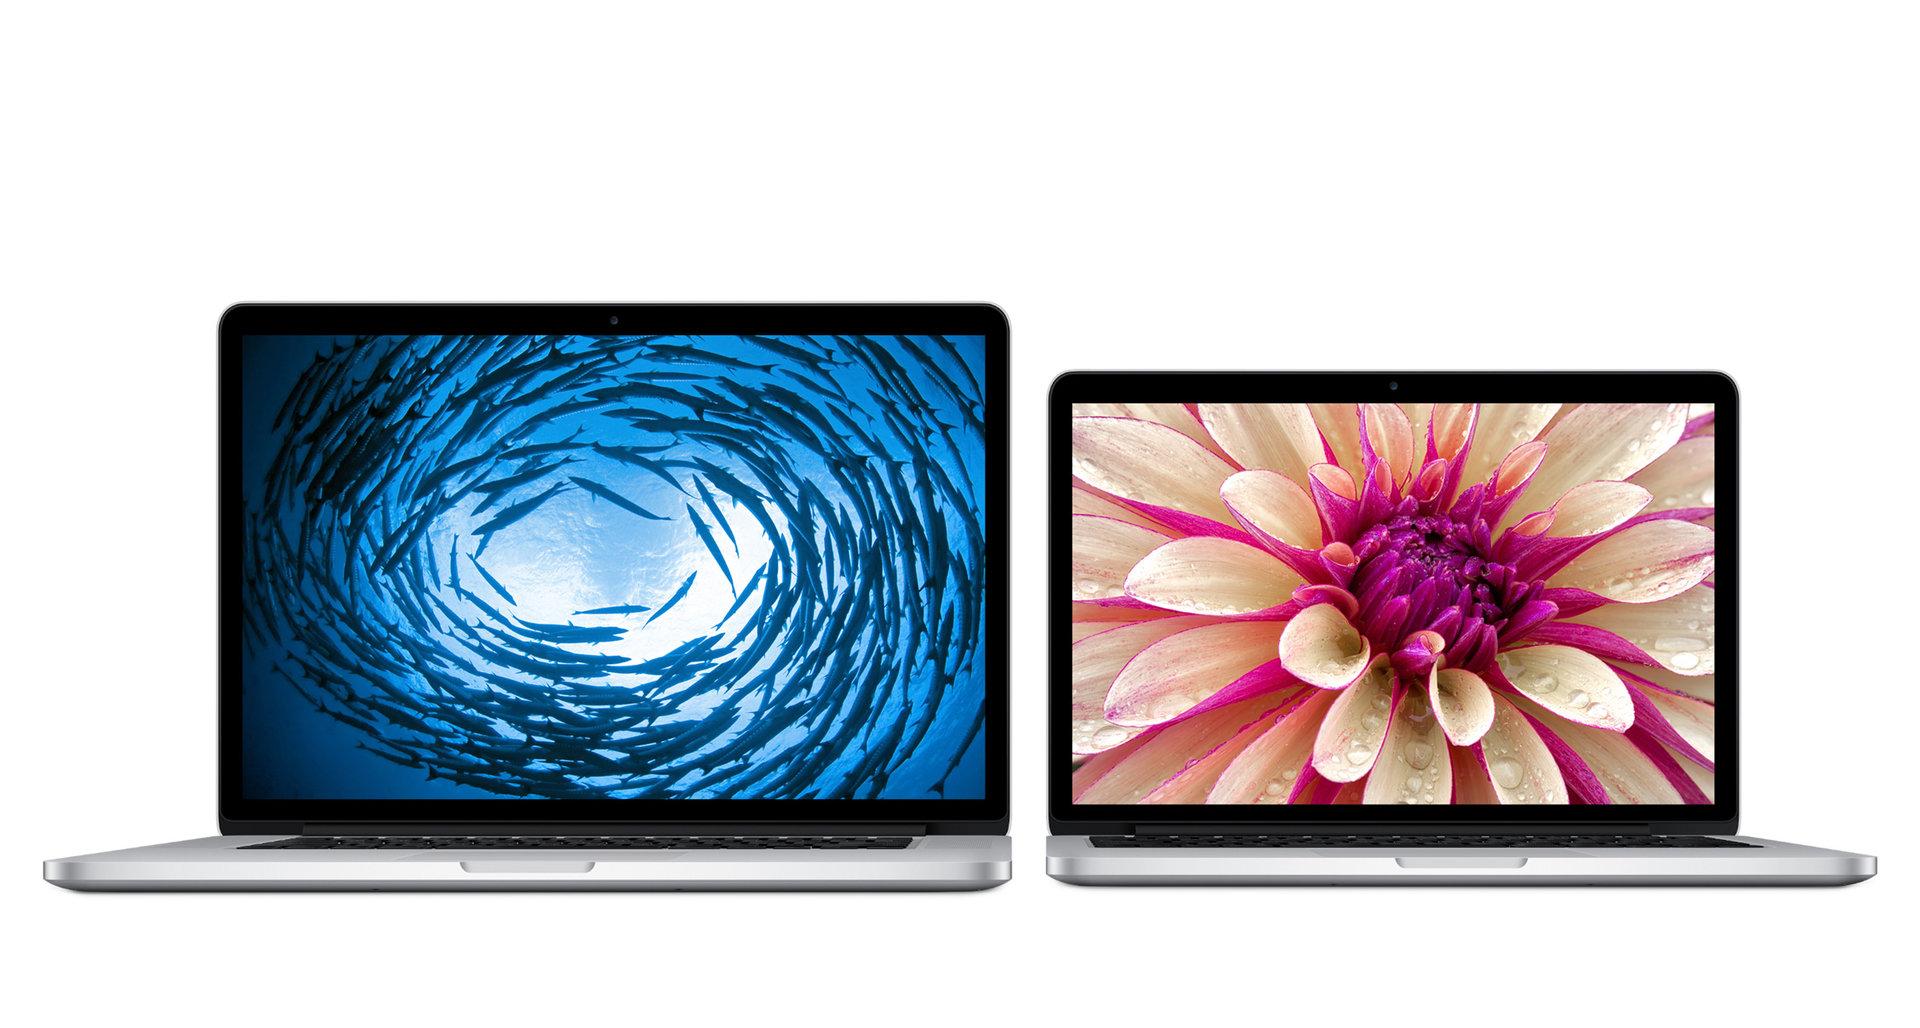 MacBook Pro 15 Zoll und 13 Zoll